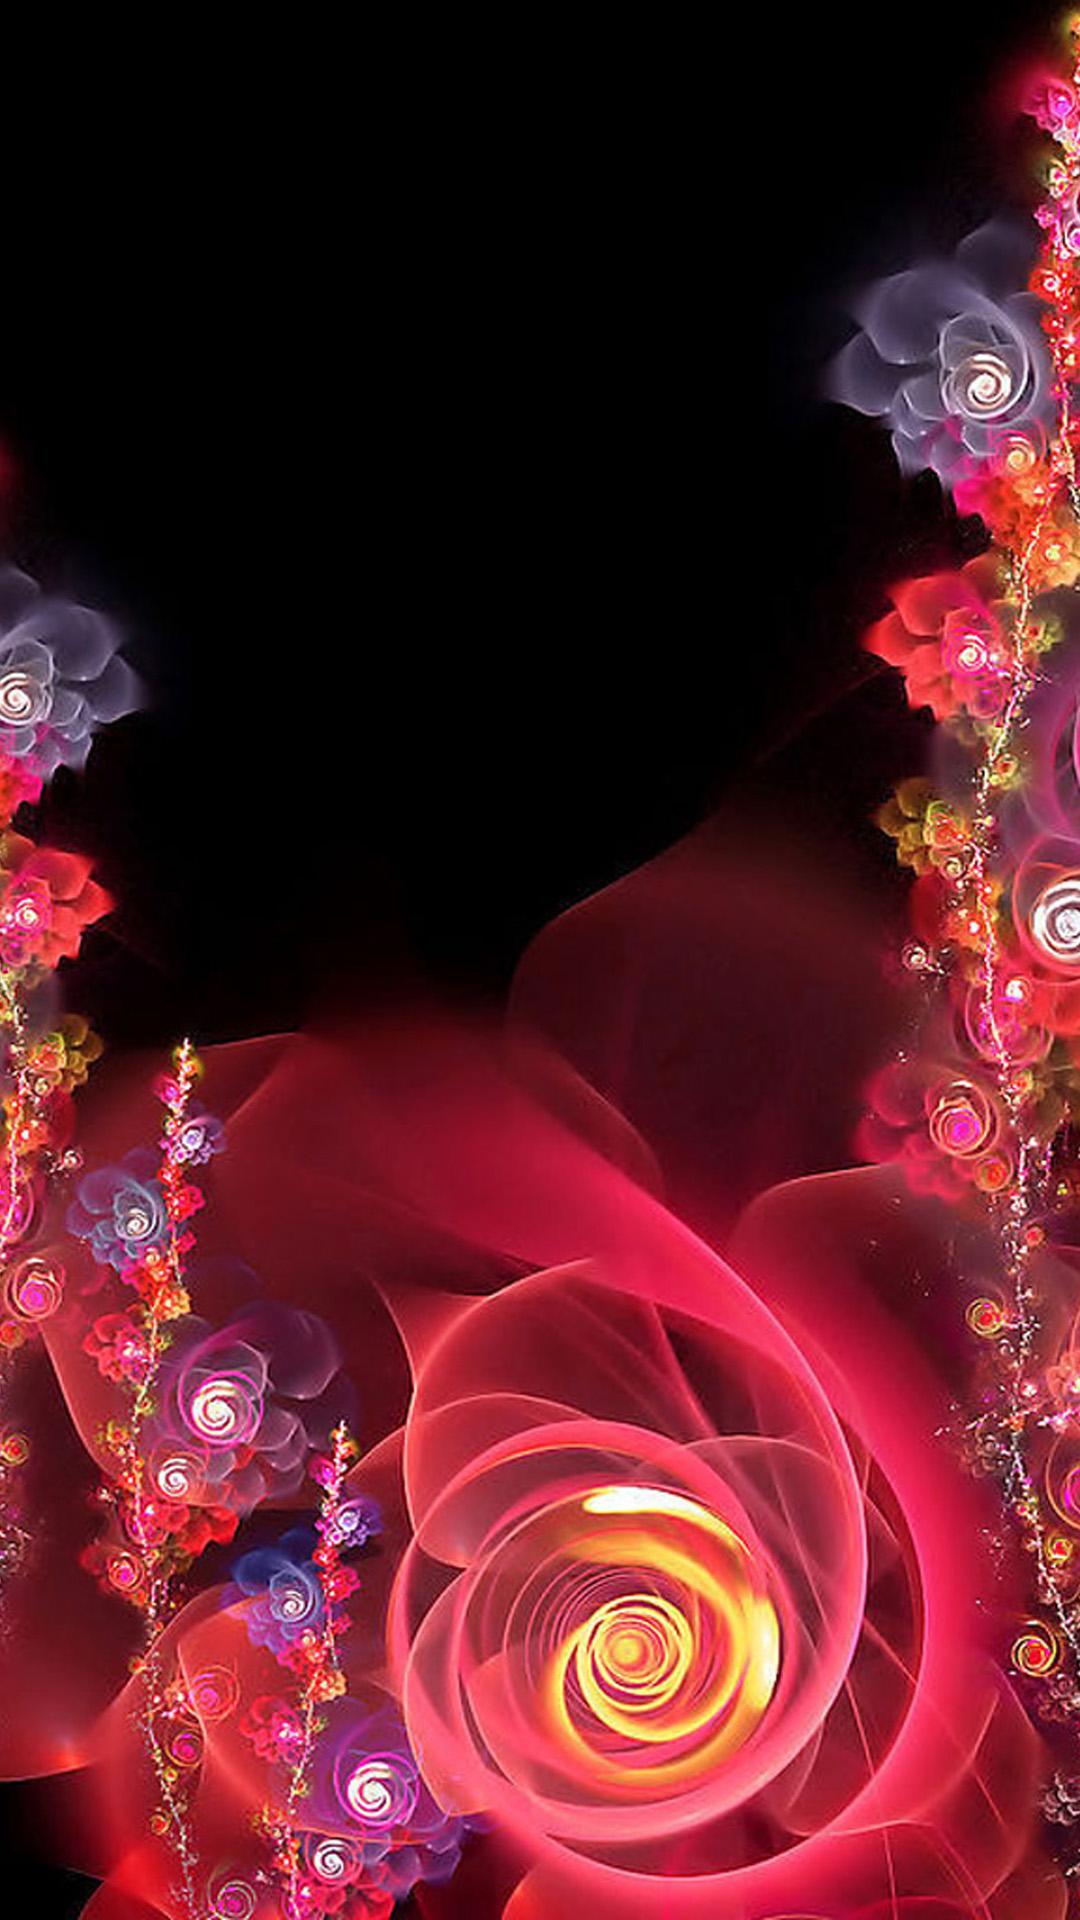 Flowers Wallpaper For Samsung Galaxy 1080x1920 Wallpaper Teahub Io